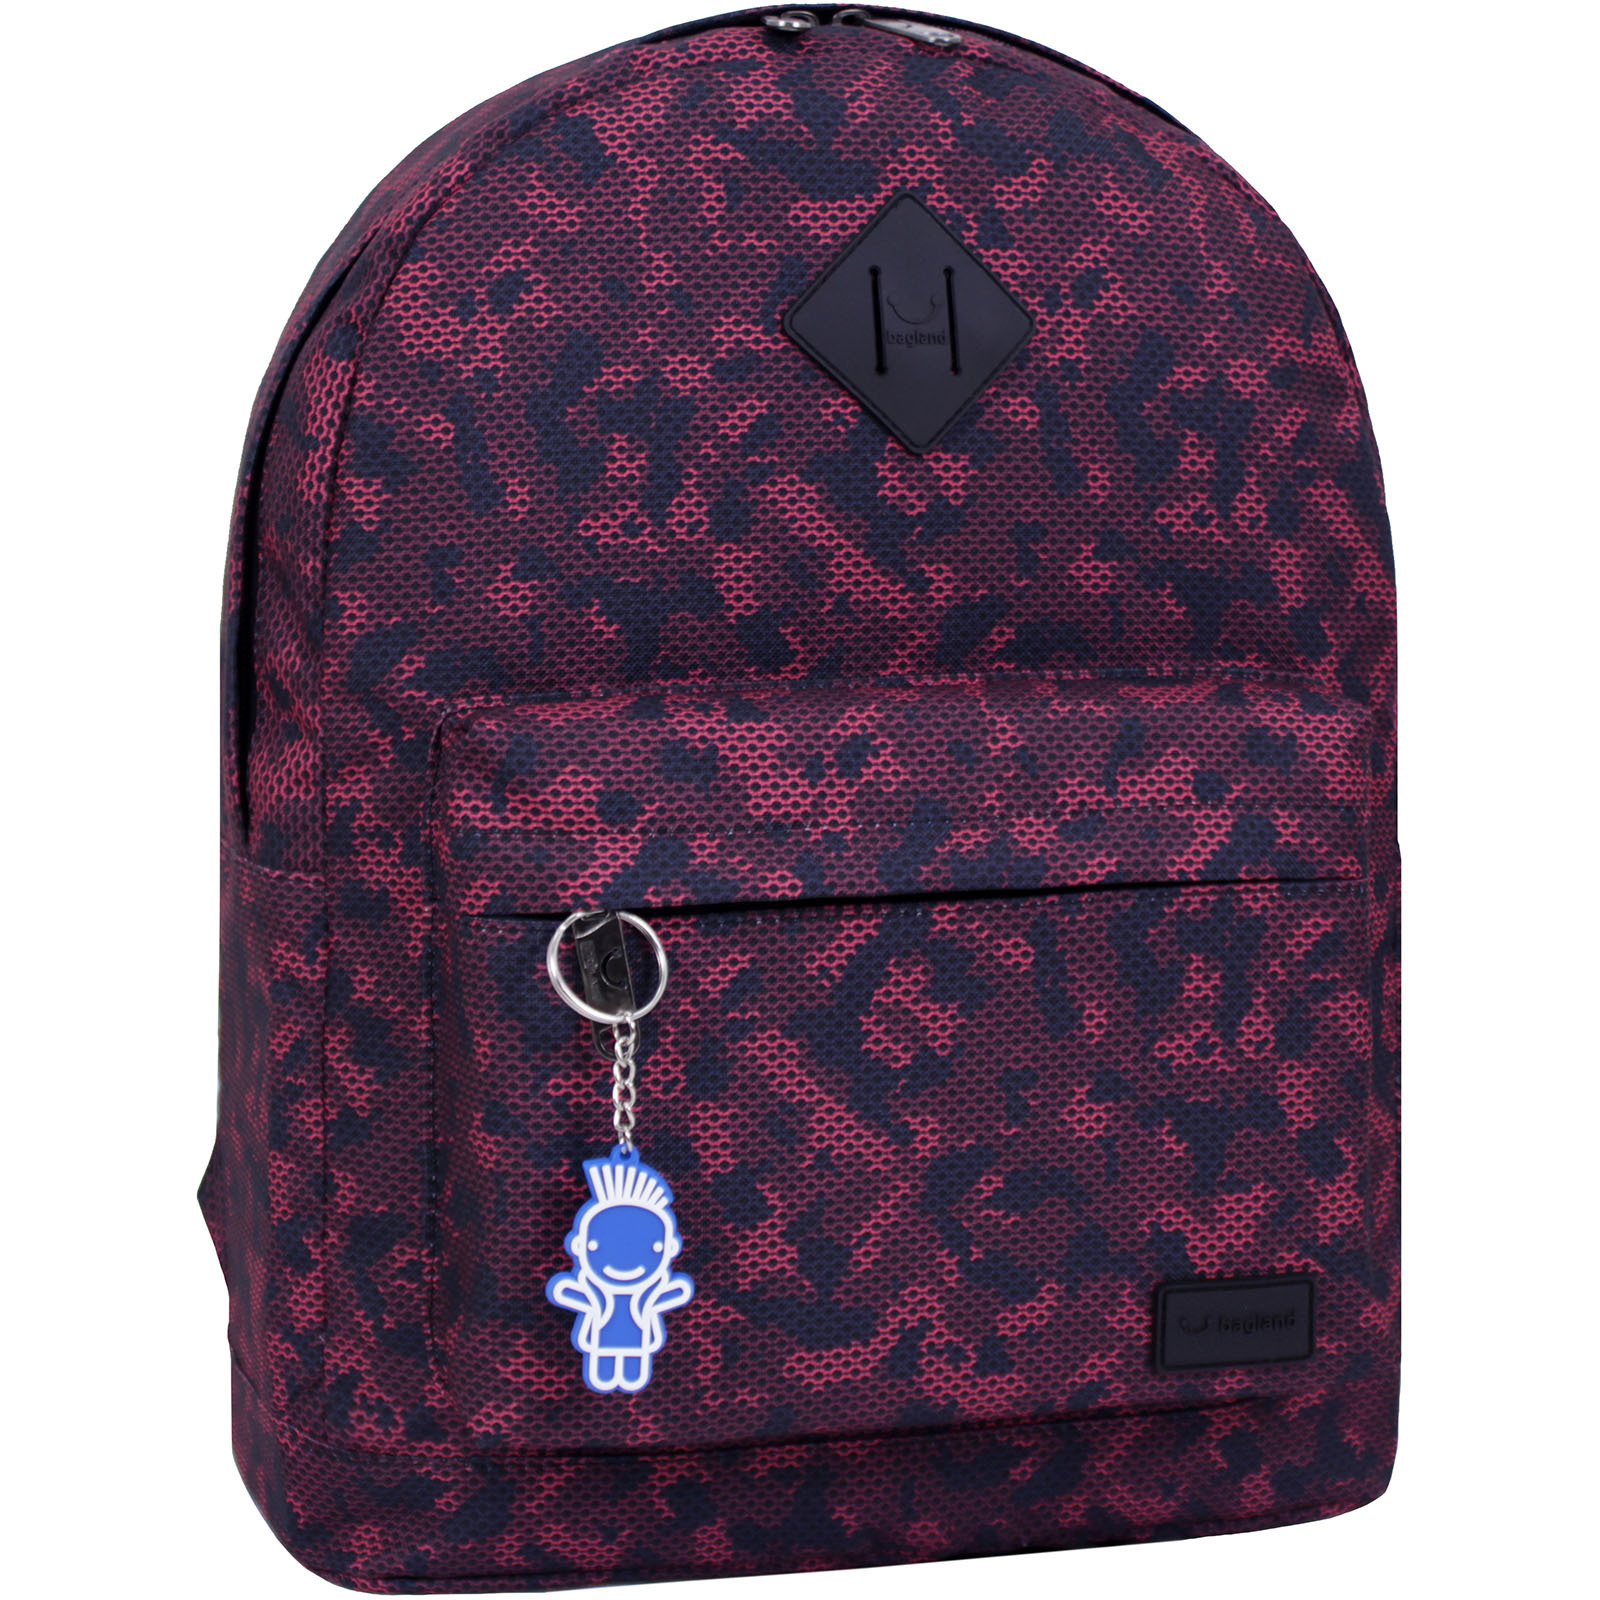 Молодежные рюкзаки Рюкзак Bagland Молодежный (дизайн) 17 л. сублімація 466 (00533664) IMG_3626_суб.466_.JPG